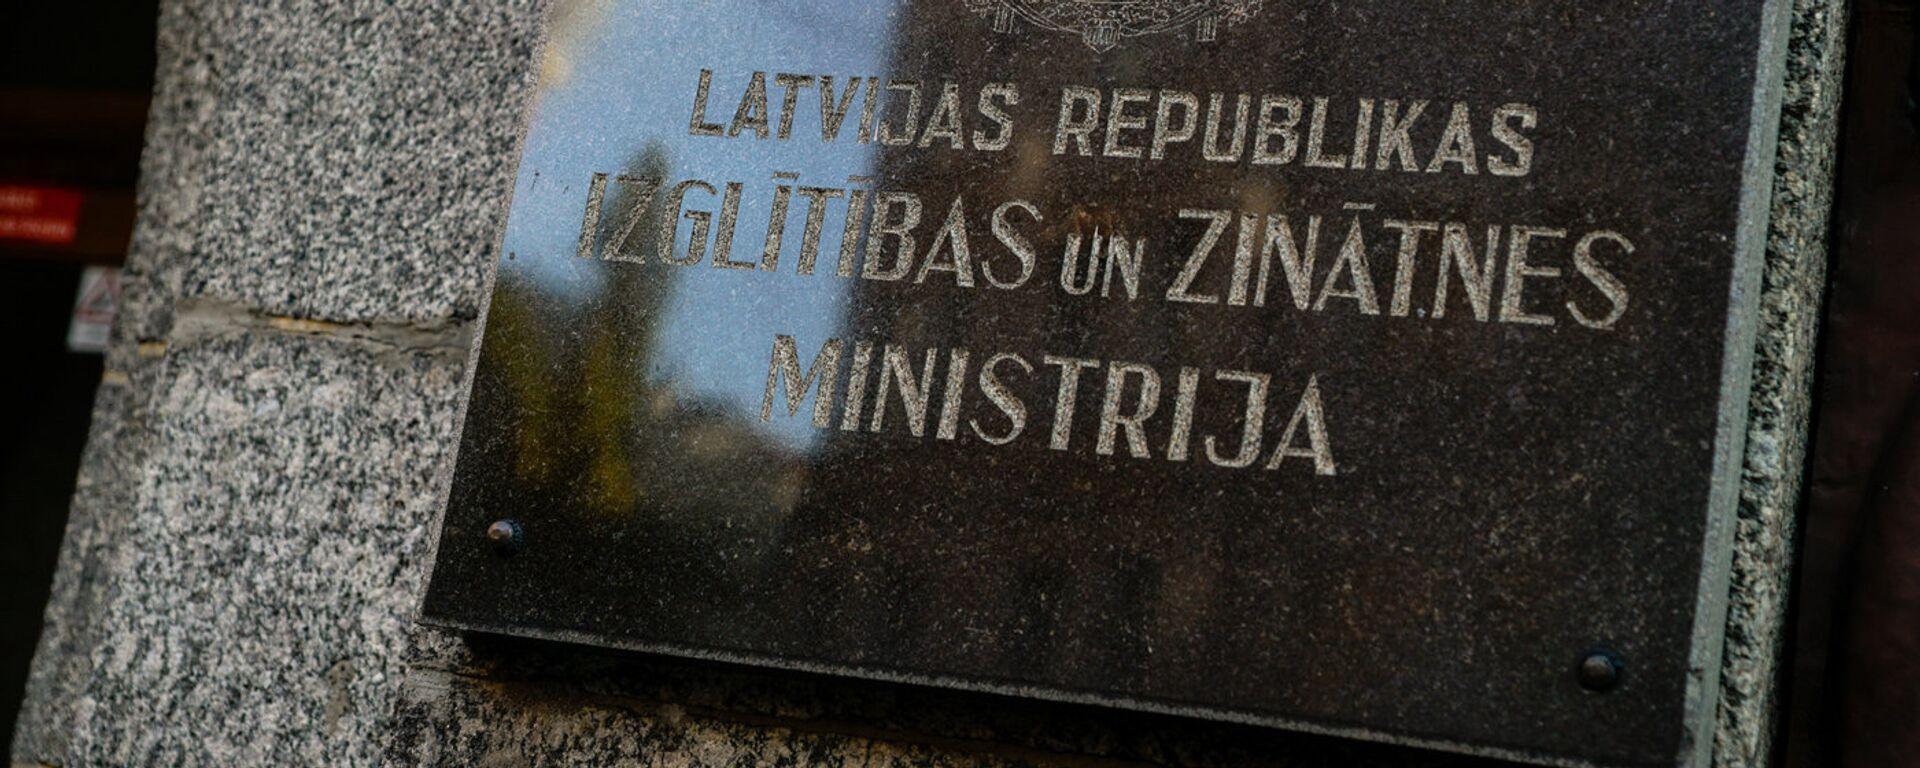 Министерство образования и науки Латвии - Sputnik Латвия, 1920, 29.08.2021